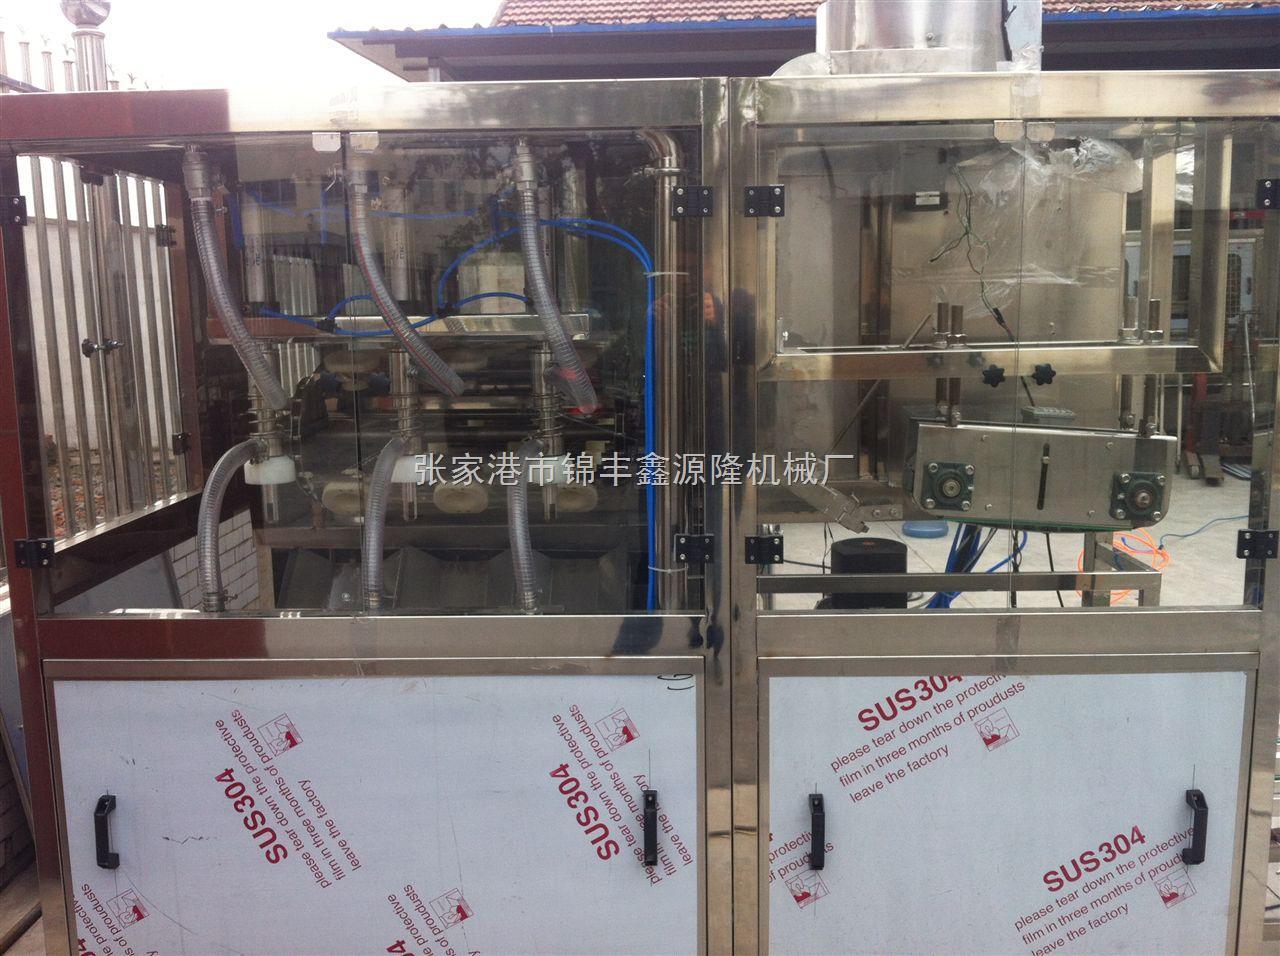 5加仑矿泉水灌装机产品详情: QGF-300型桶装线是专供5加仑桶装饮用水生产用。整机集冲洗、灌装、封盖功能于一体。是矿泉水、蒸馏水、纯净水生产的理想设备。整体采用优质不锈钢制作,耐腐蚀,易清洗。洗桶用内、外喷嘴均采用进口美国喷雾公司独特技术设计。该机结构紧凑,工作效率高且稳定可靠,动作灵敏正确,自动化程度高,是机电气三位一体的全自动桶装设备。 5加仑矿泉水灌装机主要技术参数: Ø 灌装头数:2 Ø 灌装容量:5加仑 Ø 桶型尺寸规格:270×490